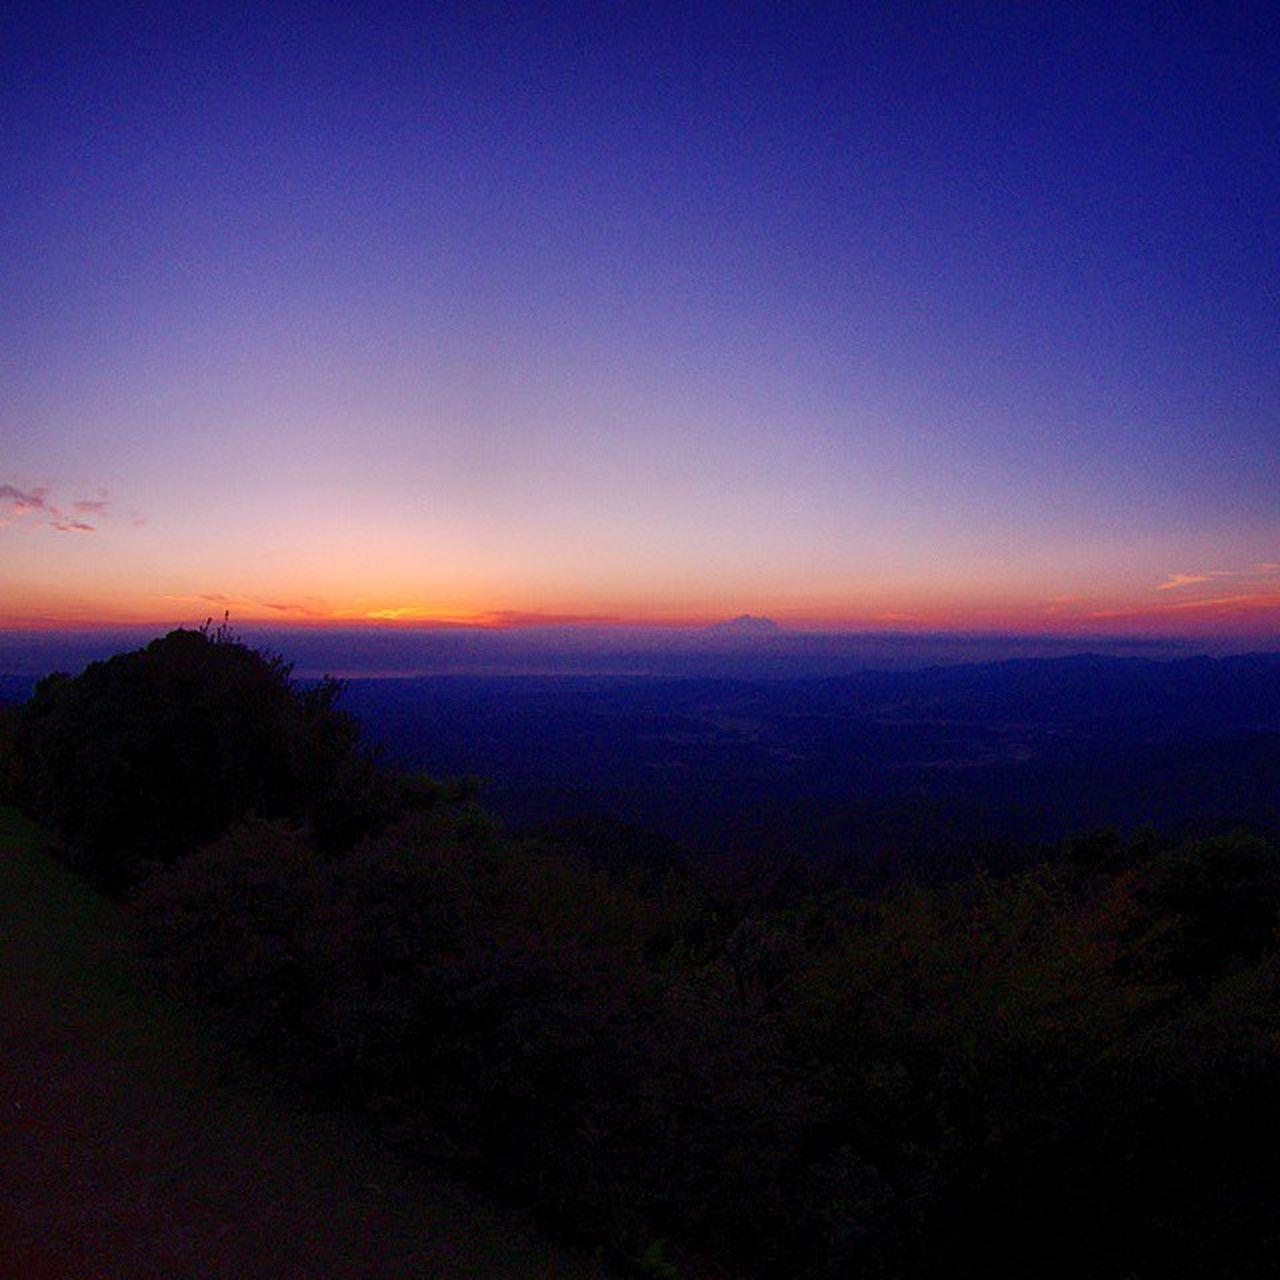 結局朝までいた 青山高原 朝日 空 Risingsun